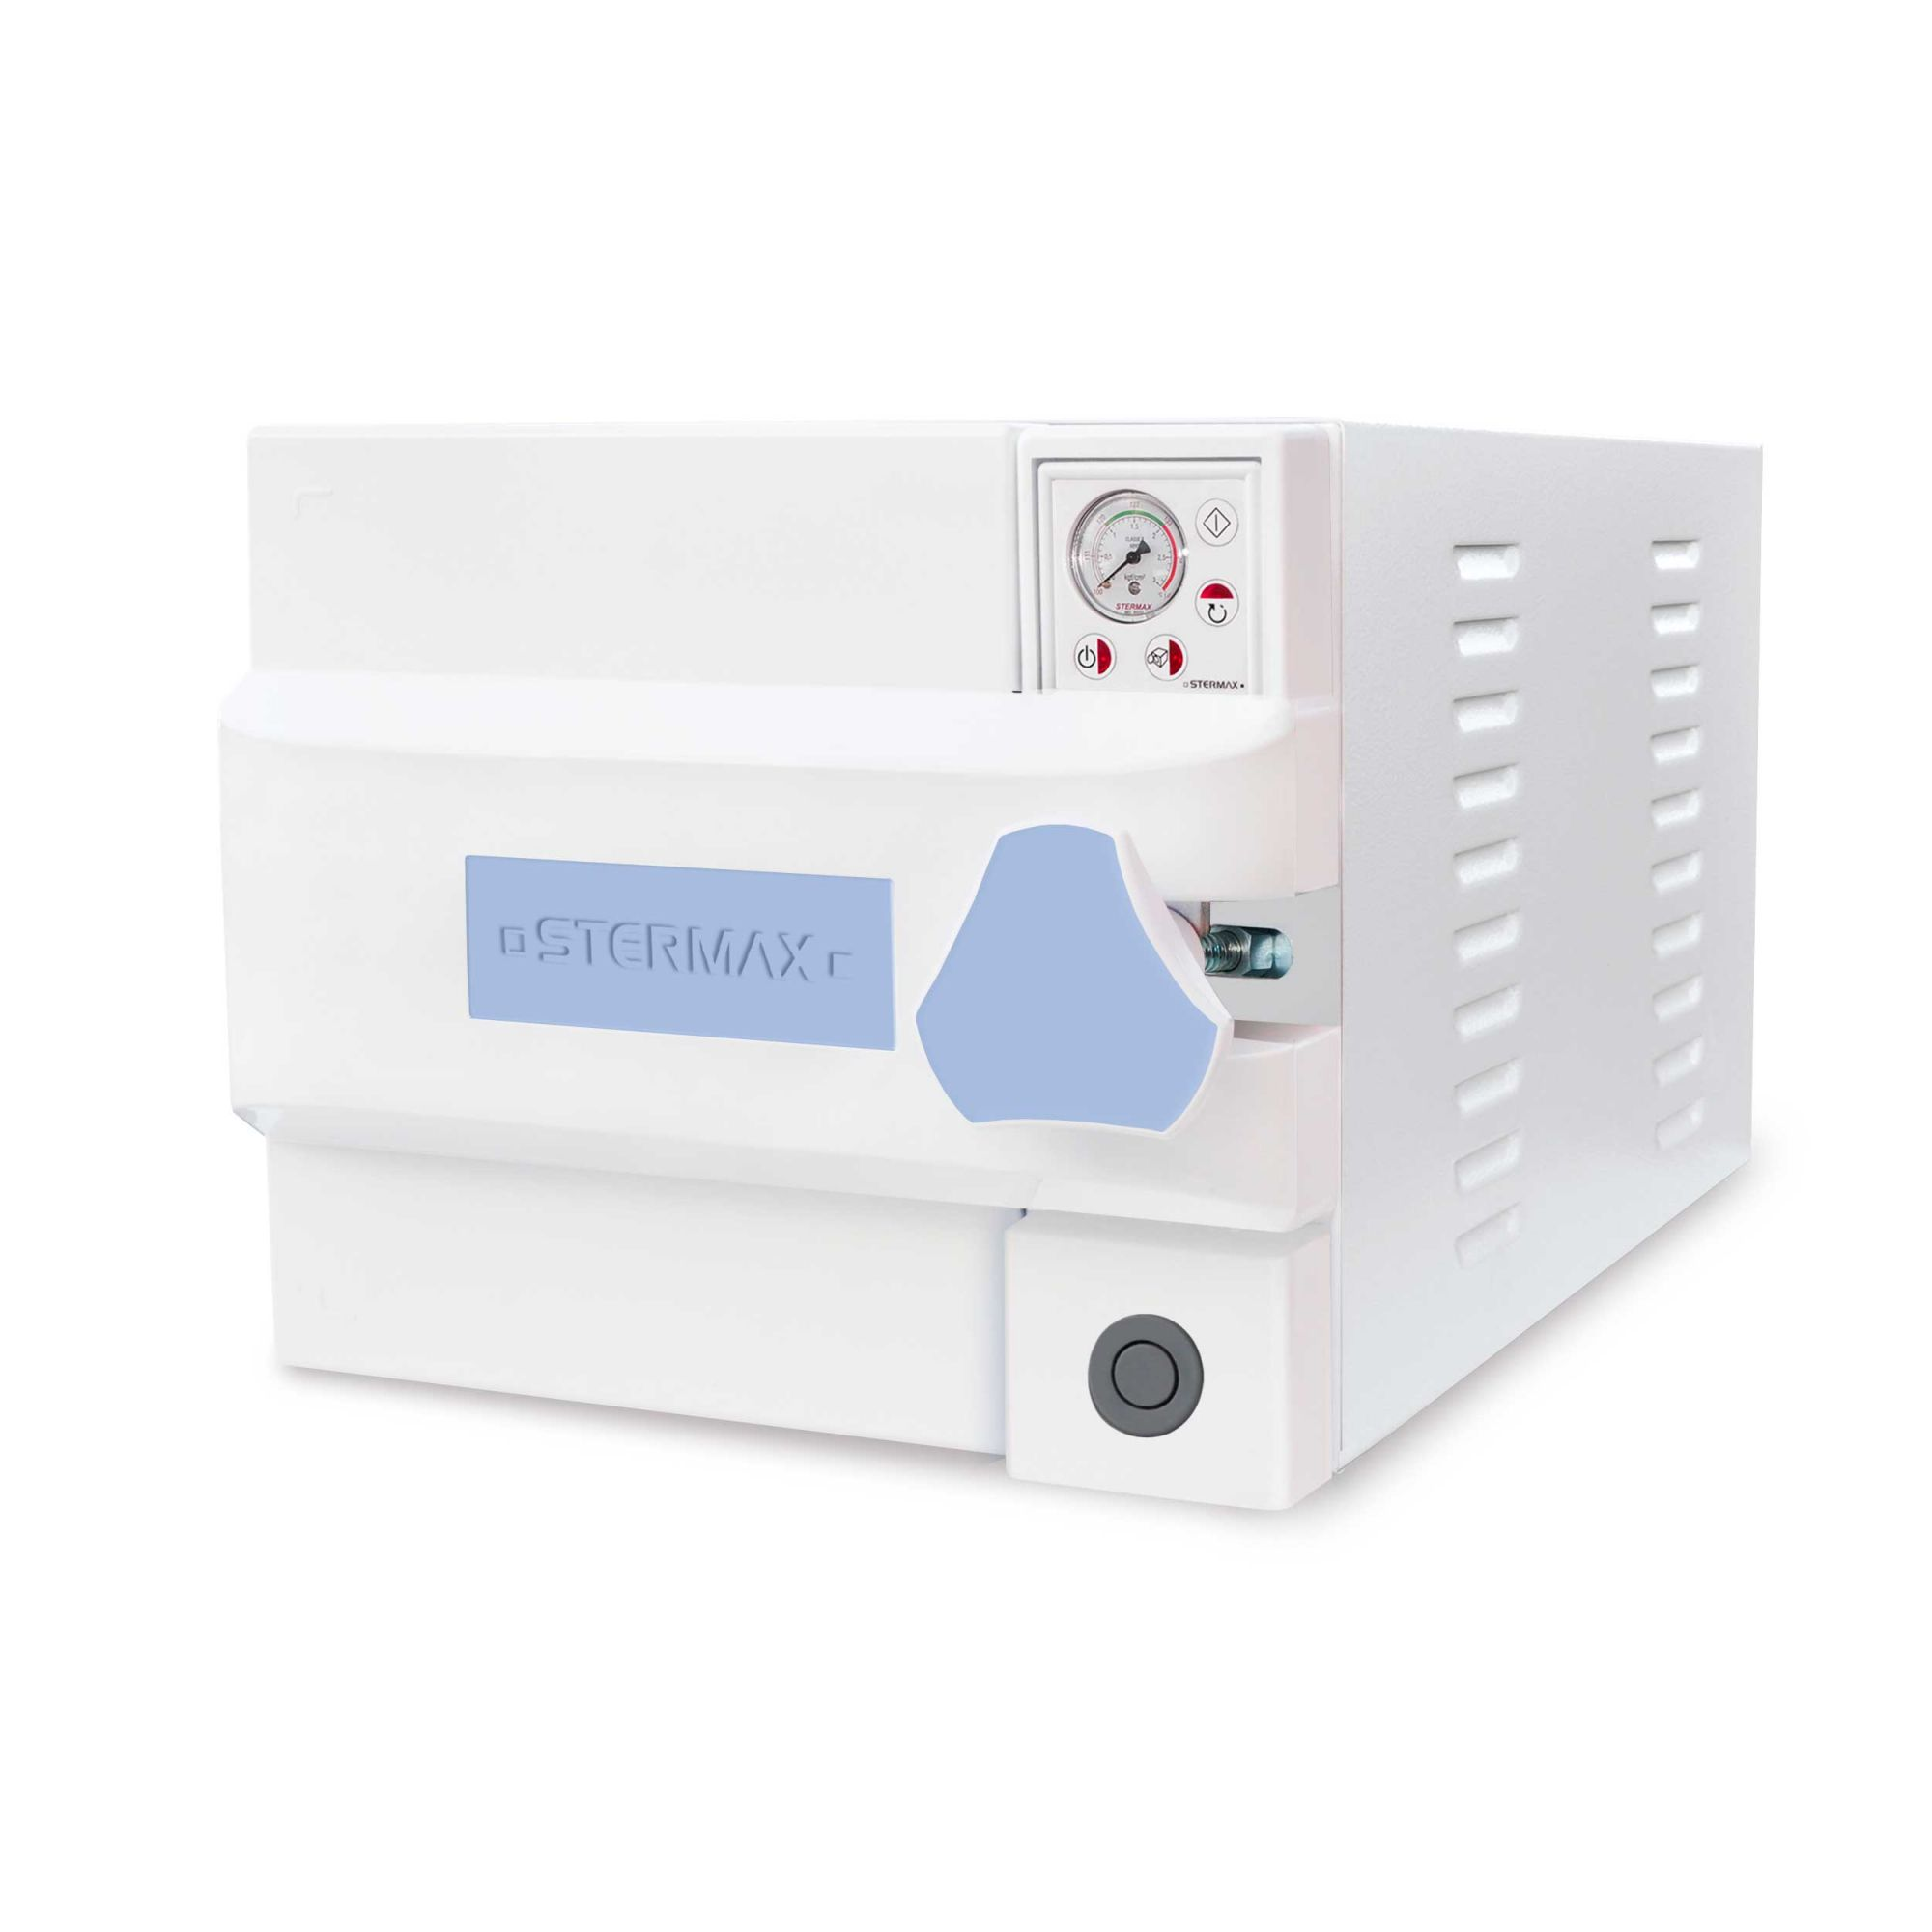 Autoclave Box Analógica 21 Litros com ciclo confinado (botão de despressurização) -Mod .ABA -  Stermax